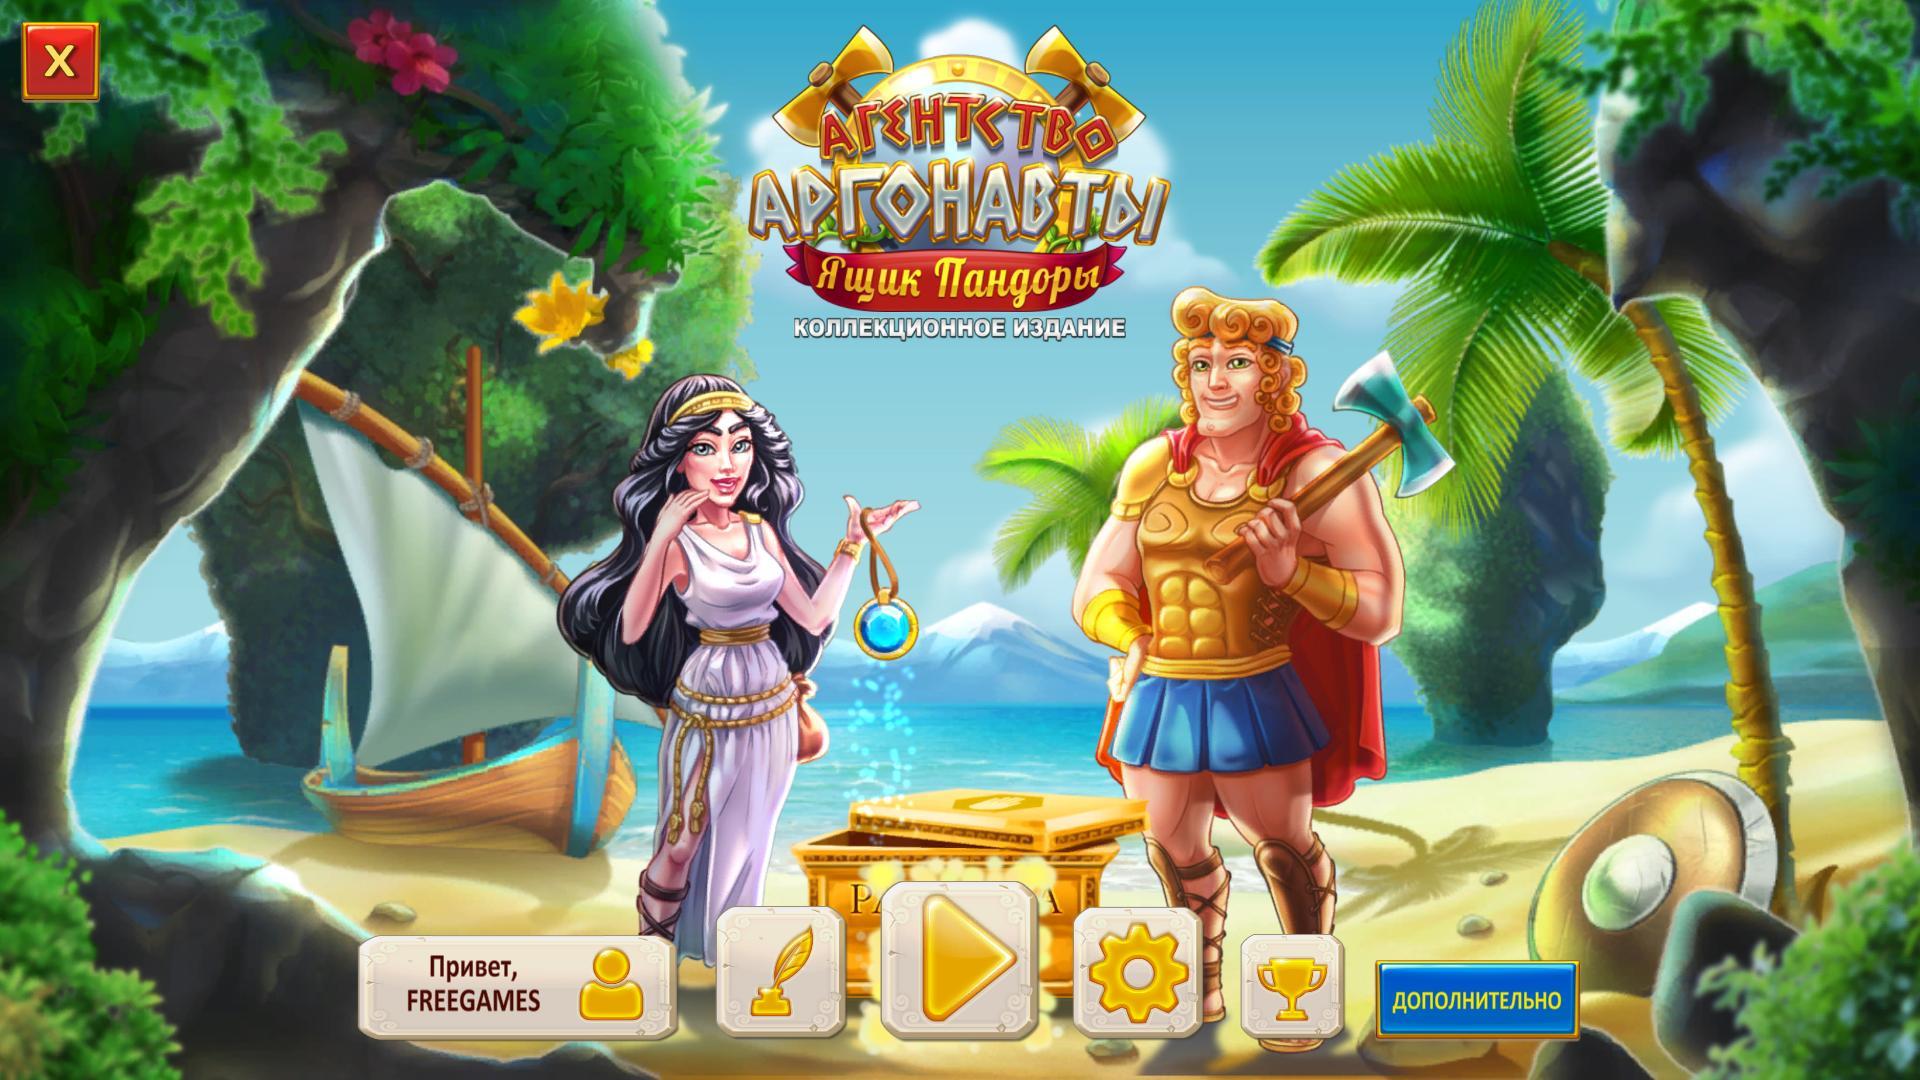 Агентство Аргонавты: Ящик Пандоры. Коллекционное издание | Argonauts Agency: Pandoras Box CE (Rus)